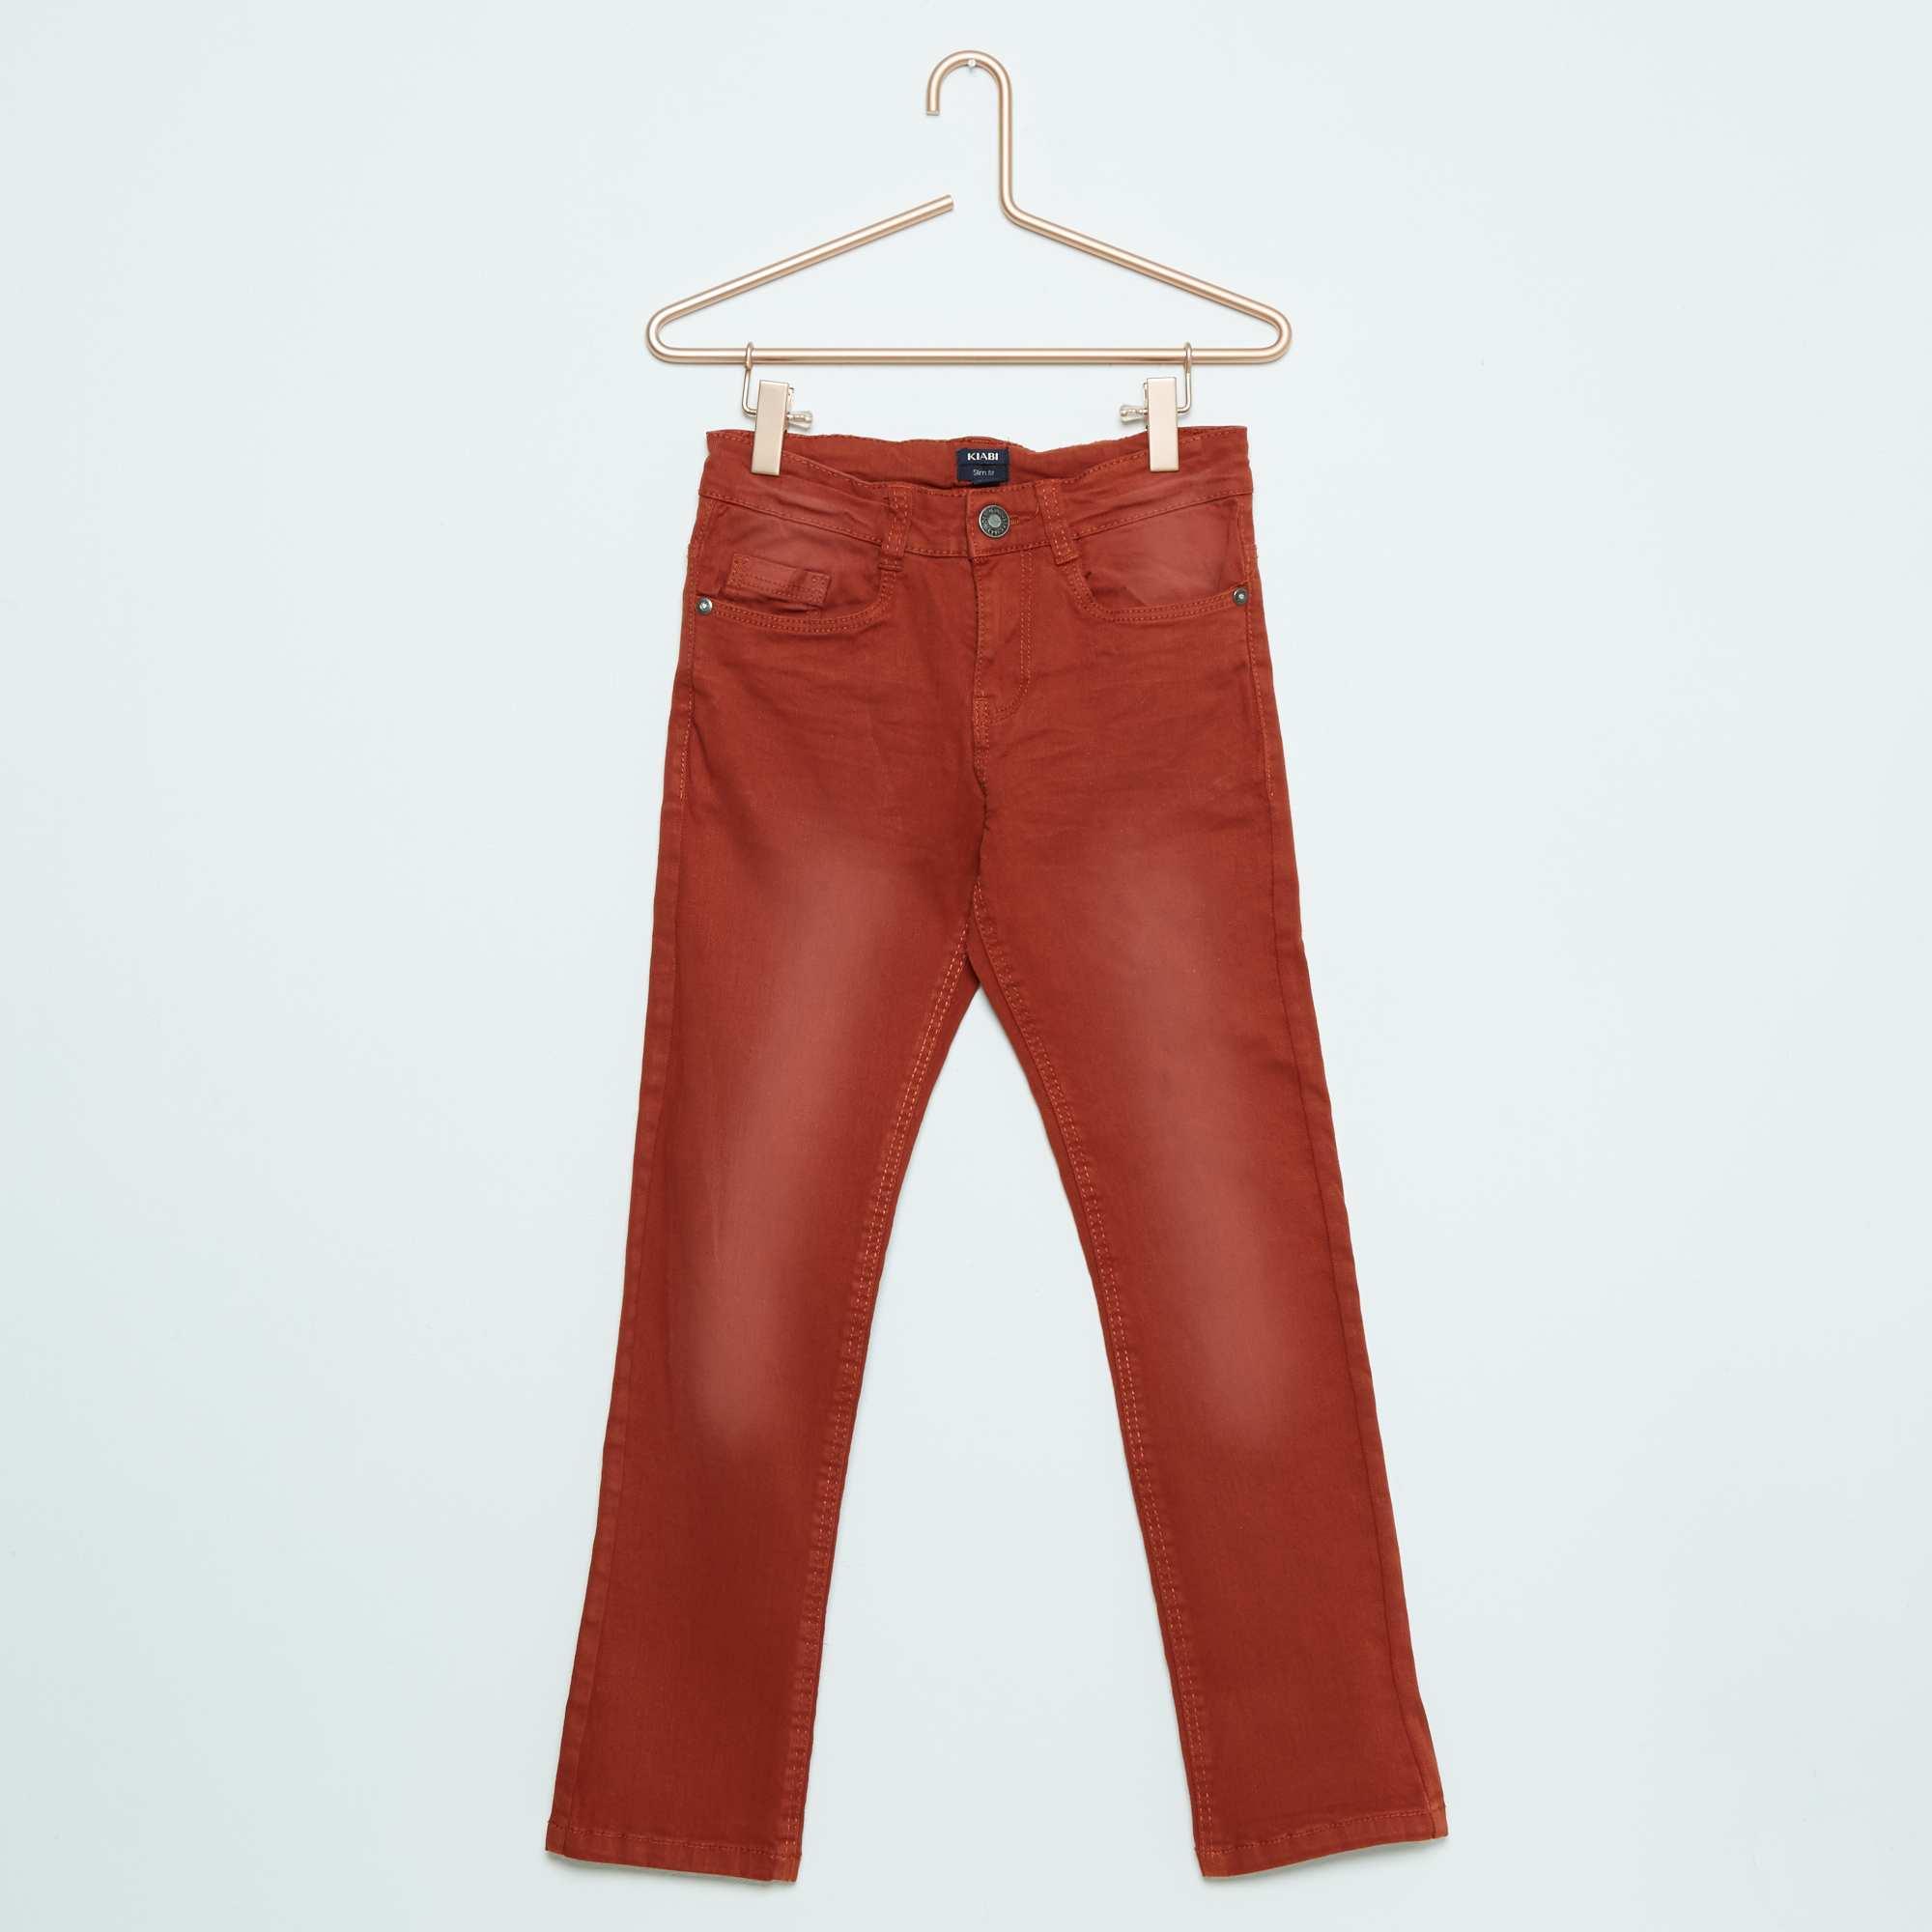 Couleur : bleu marine, gris, gris beige,gris,orange - Taille : 8A, 10A, 9A,3A,4AAvec ses coloris classiques ou tendance et sa coupe slim parfaite, voici un pantalon